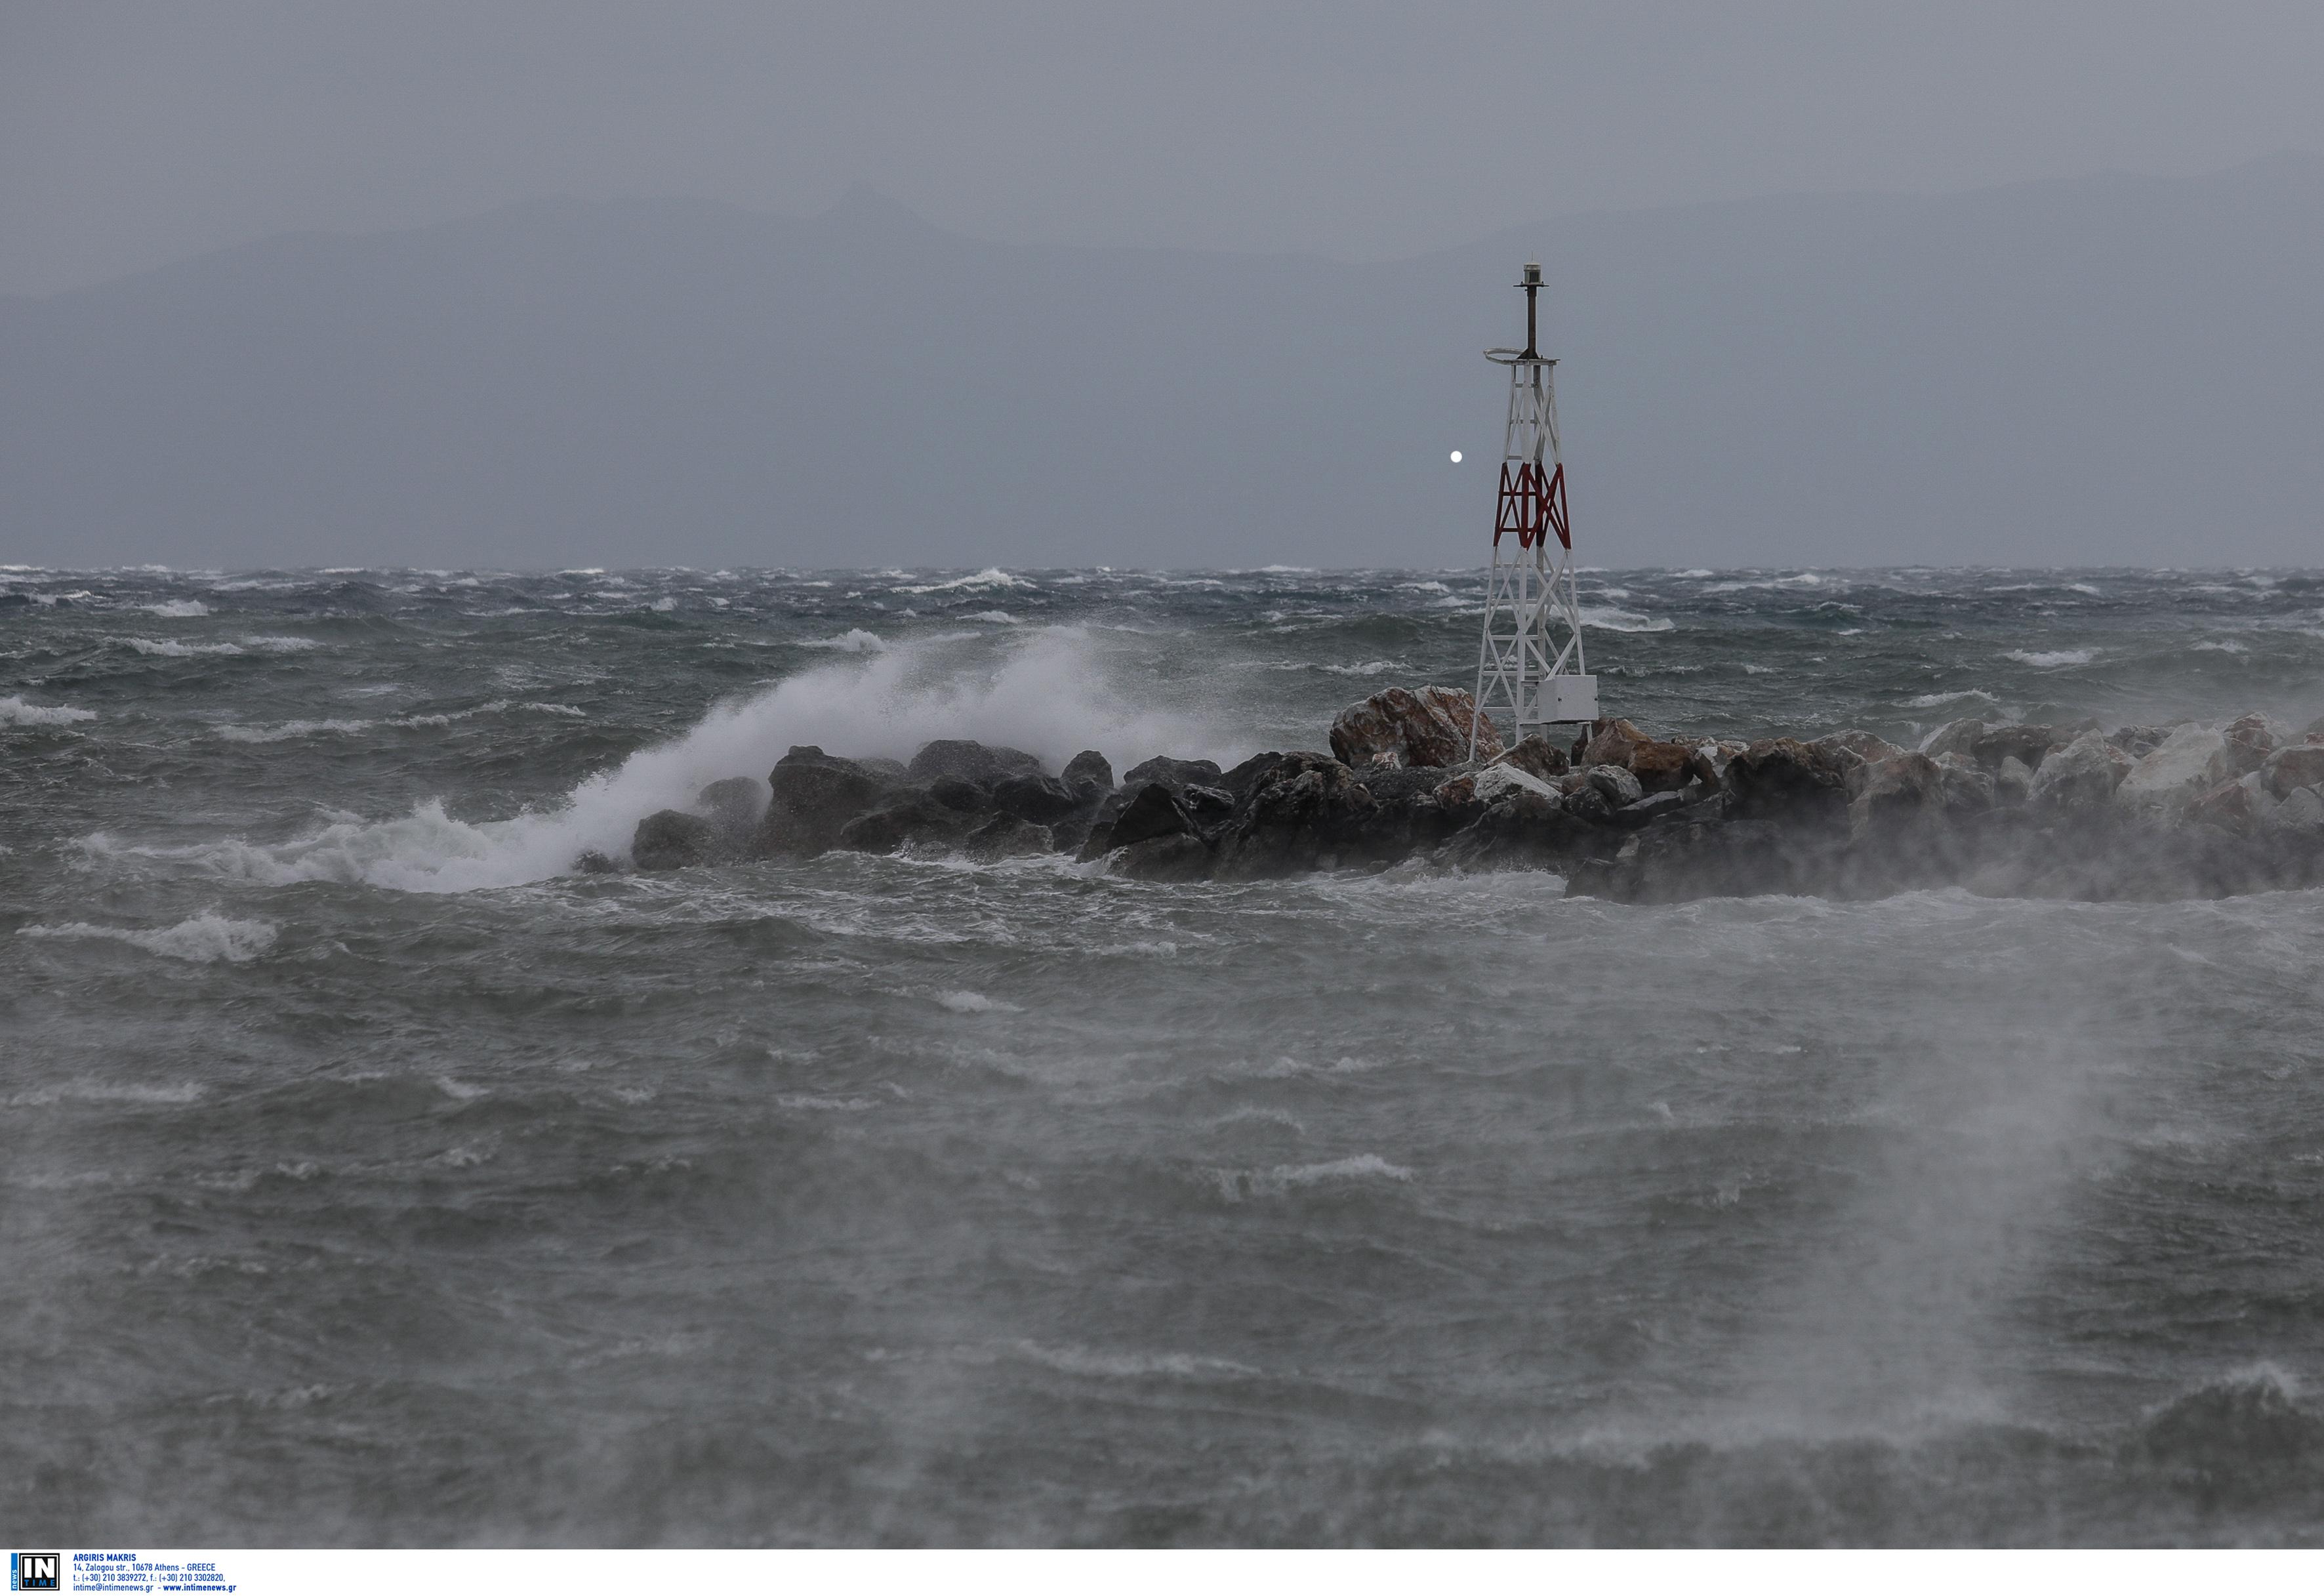 Θυελλώδεις άνεμοι στο Αιγαίο! Ποια ακτοπλοϊκά δρομολόγια δεν εκτελούνται